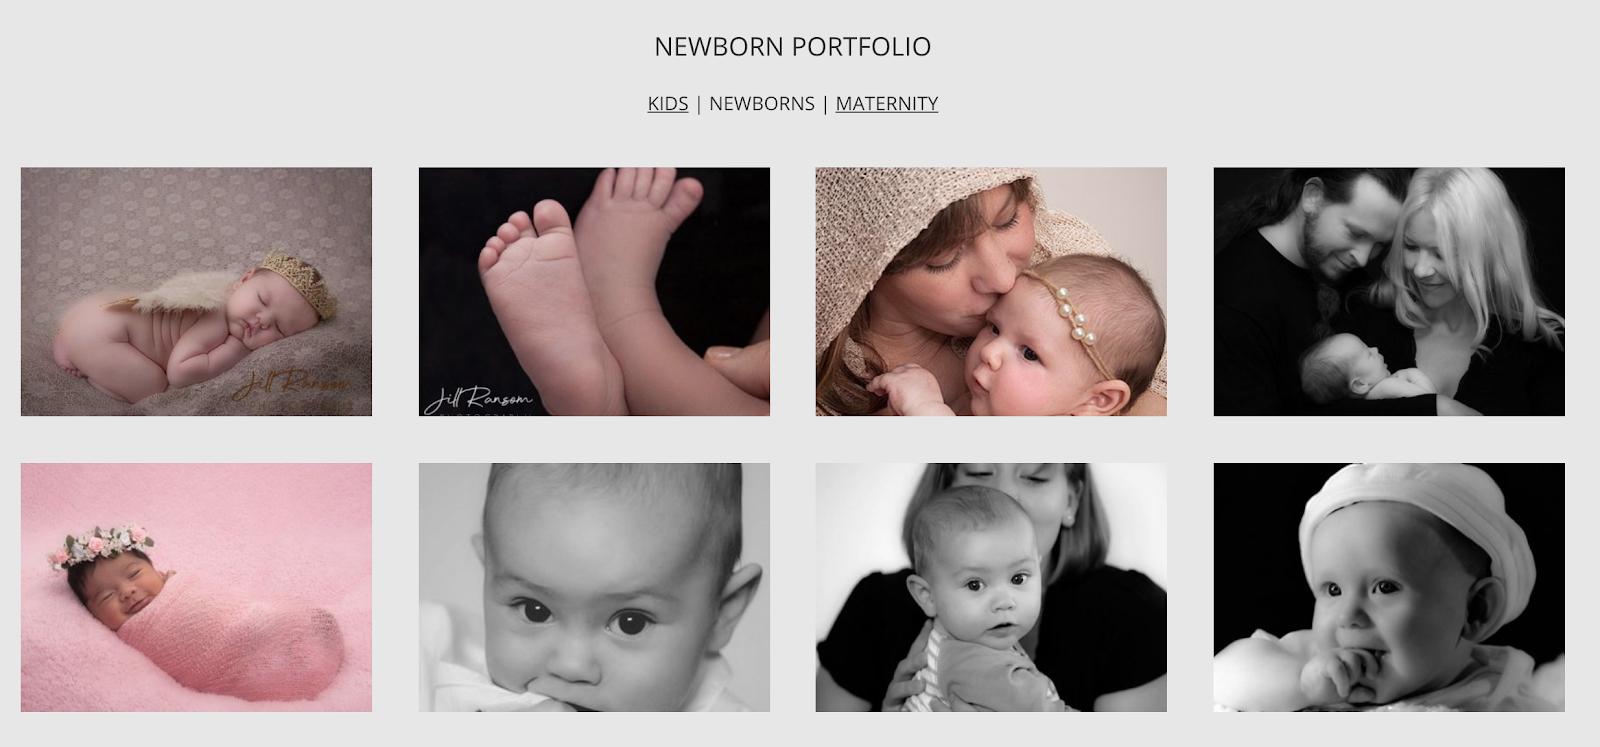 portfolio example on photography website